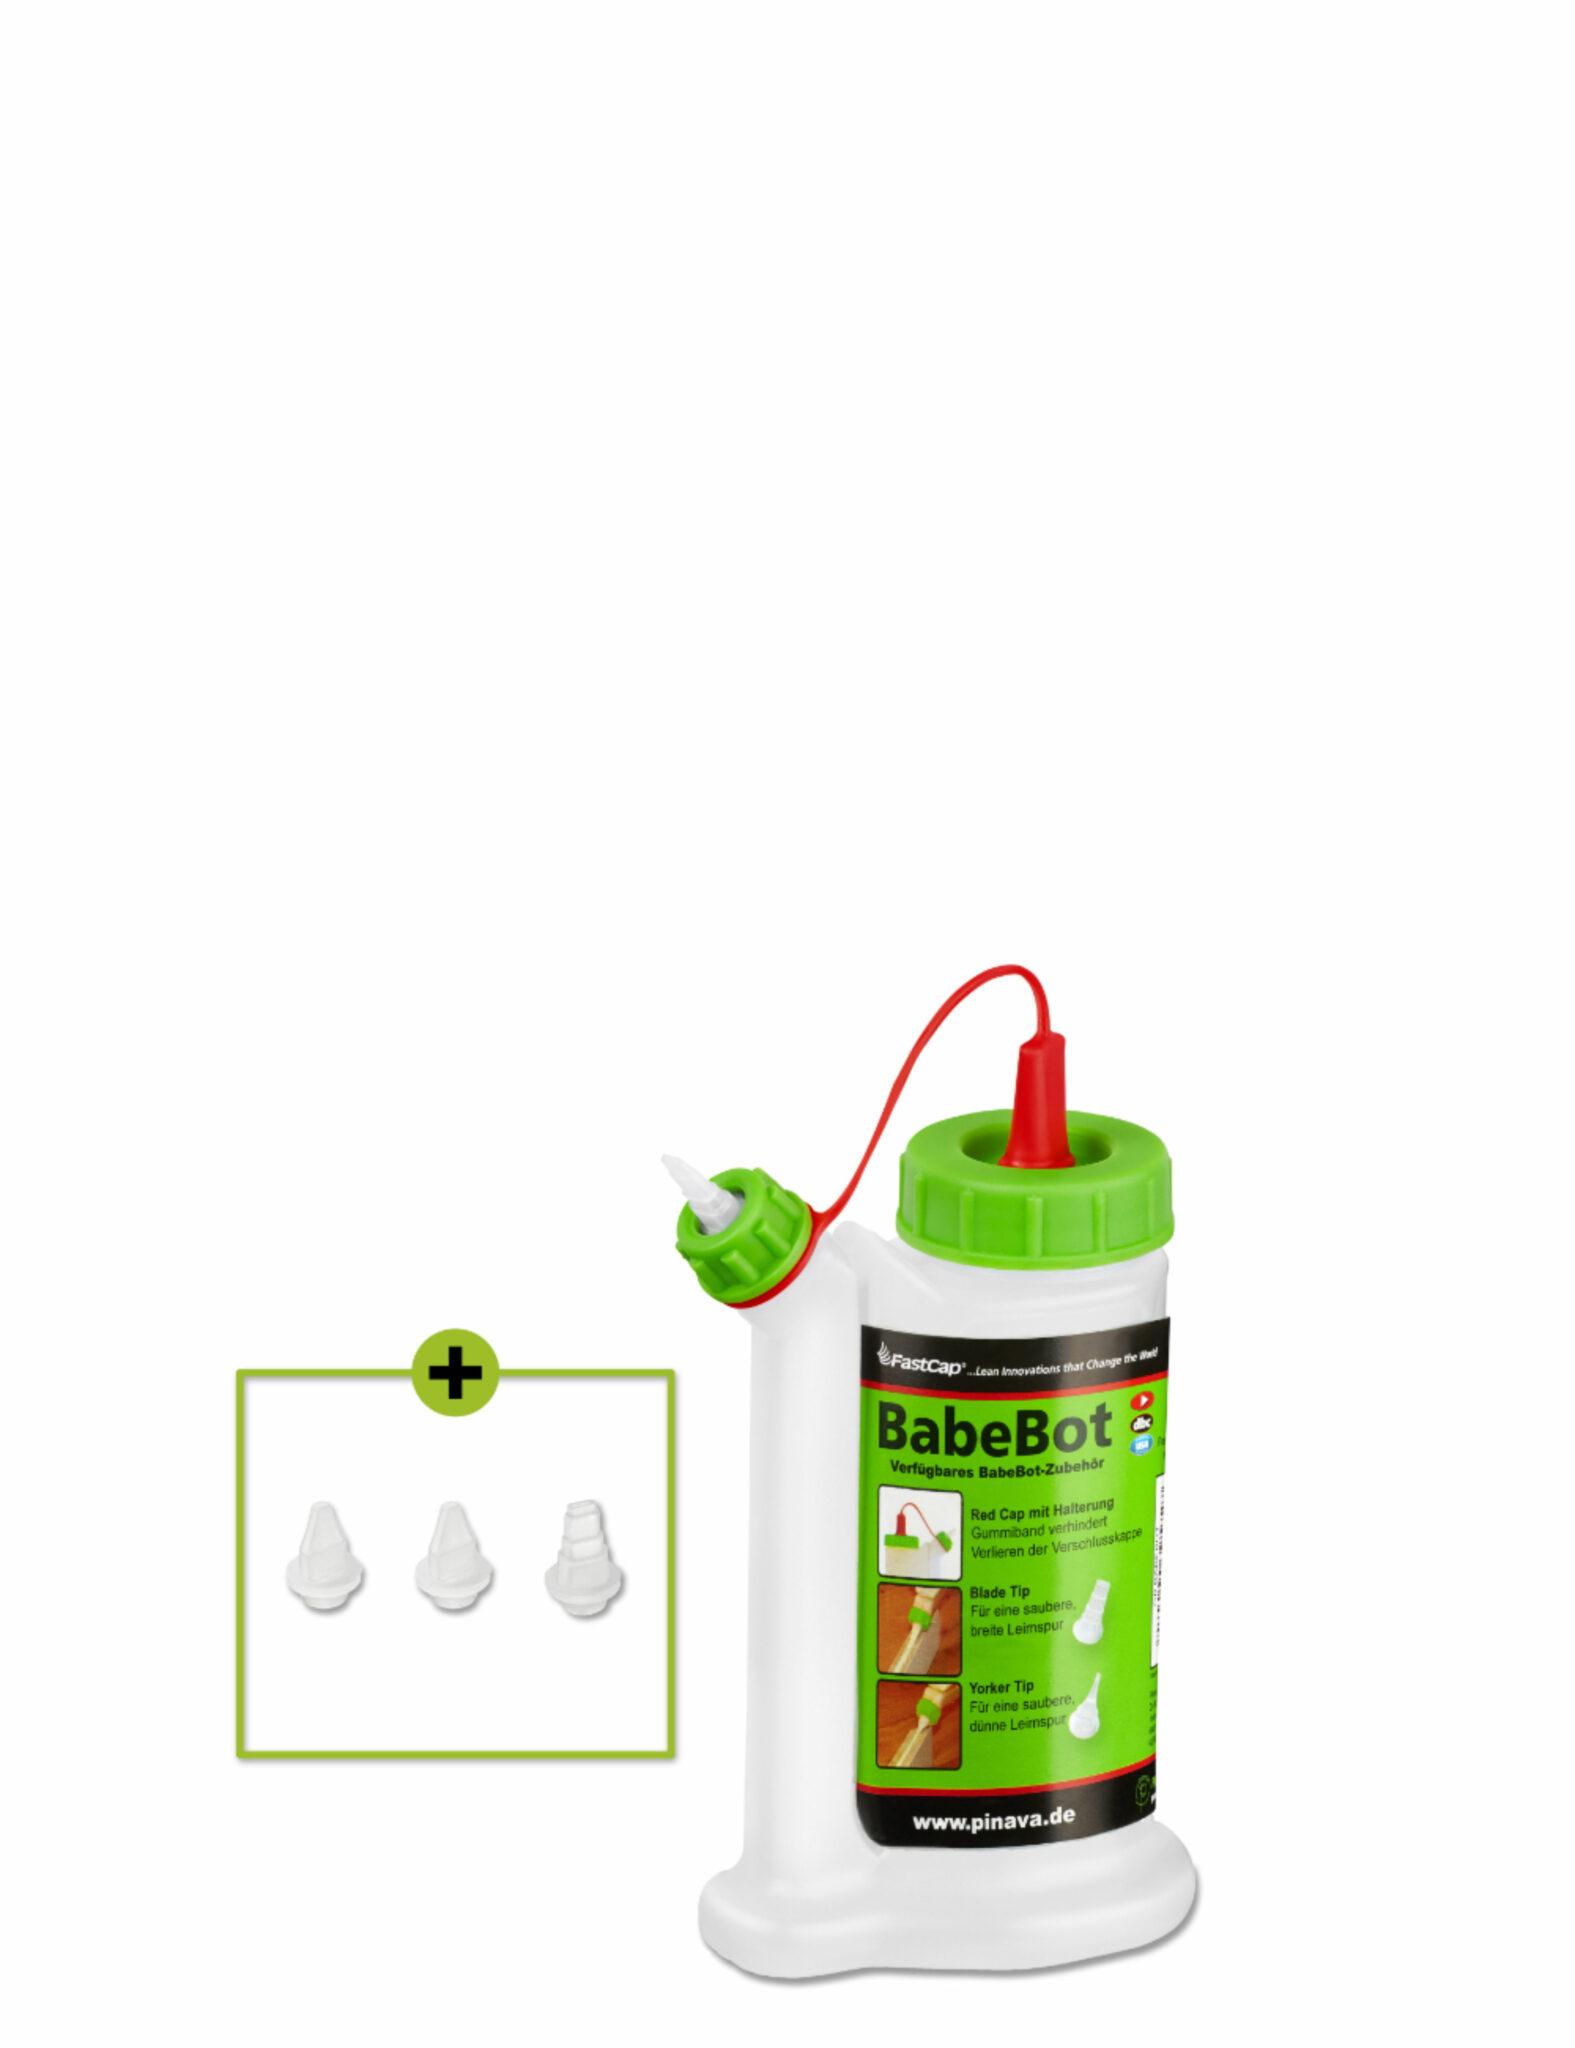 BabeBot und Glubot Leimspender Leimflasche von Fastcap in der Pinava Edition